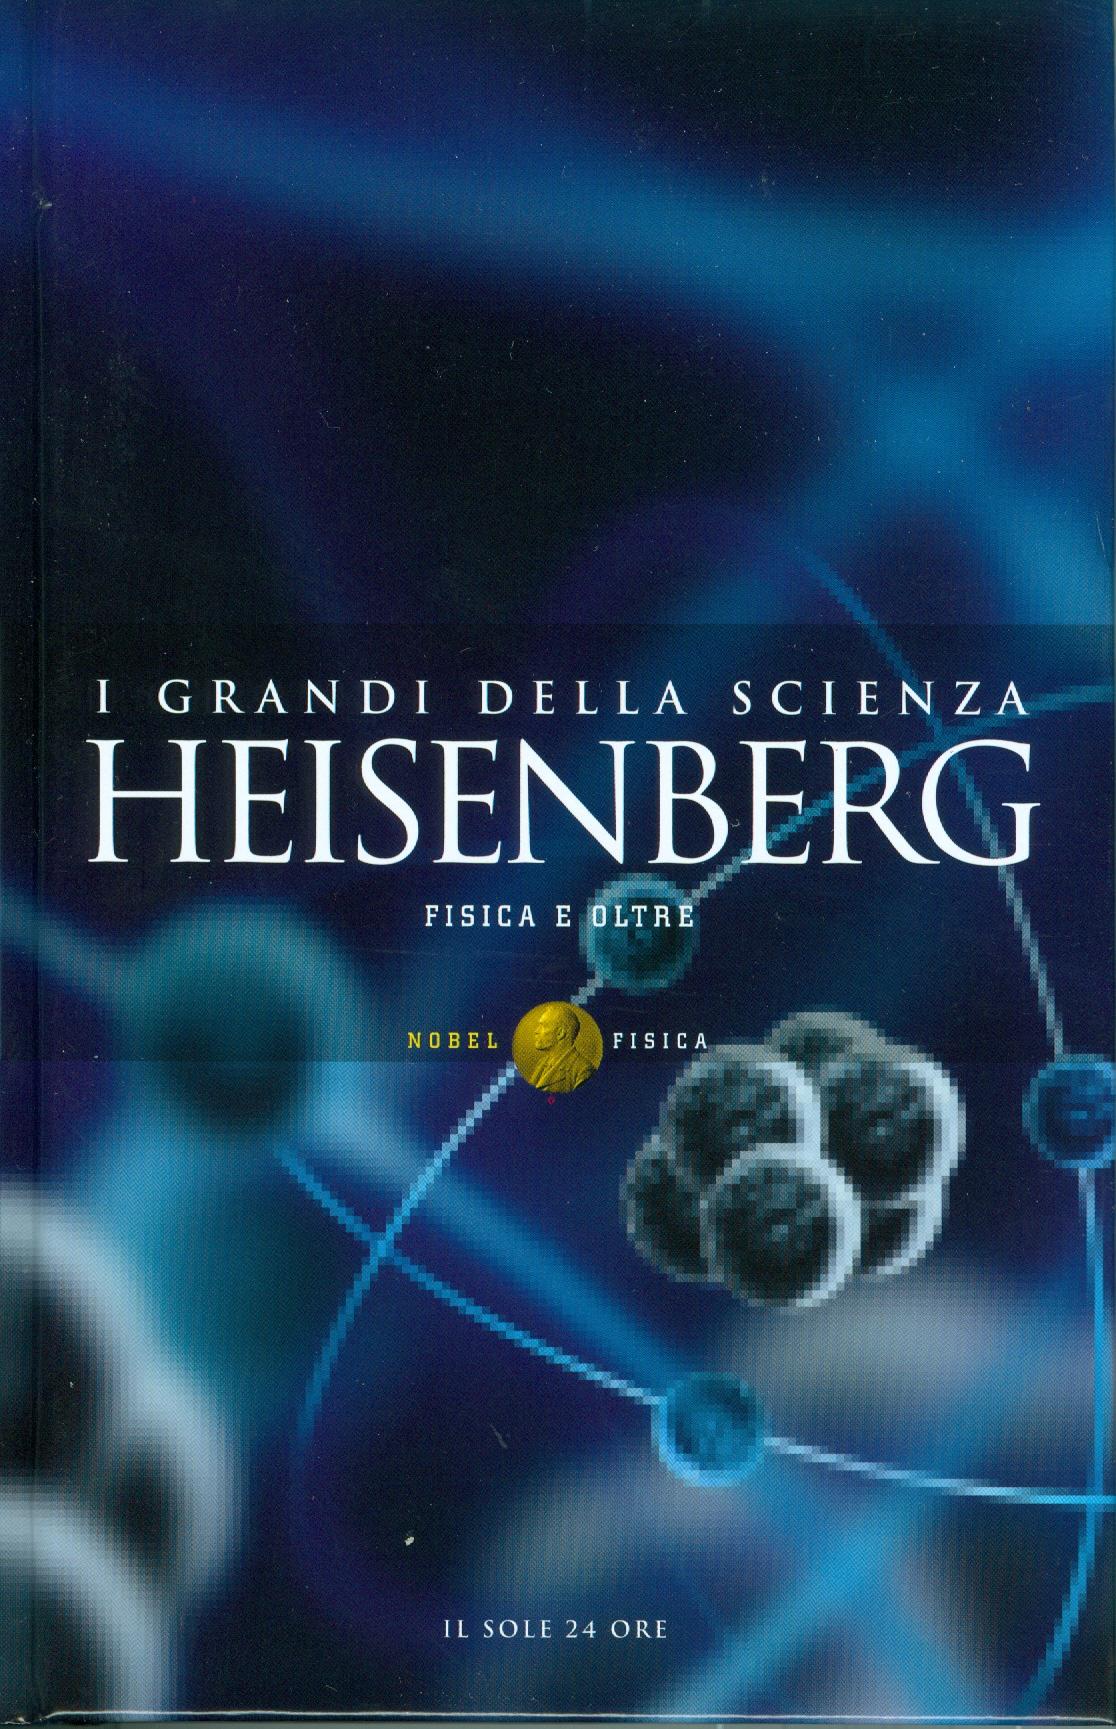 Heisenberg: Fisica e oltre